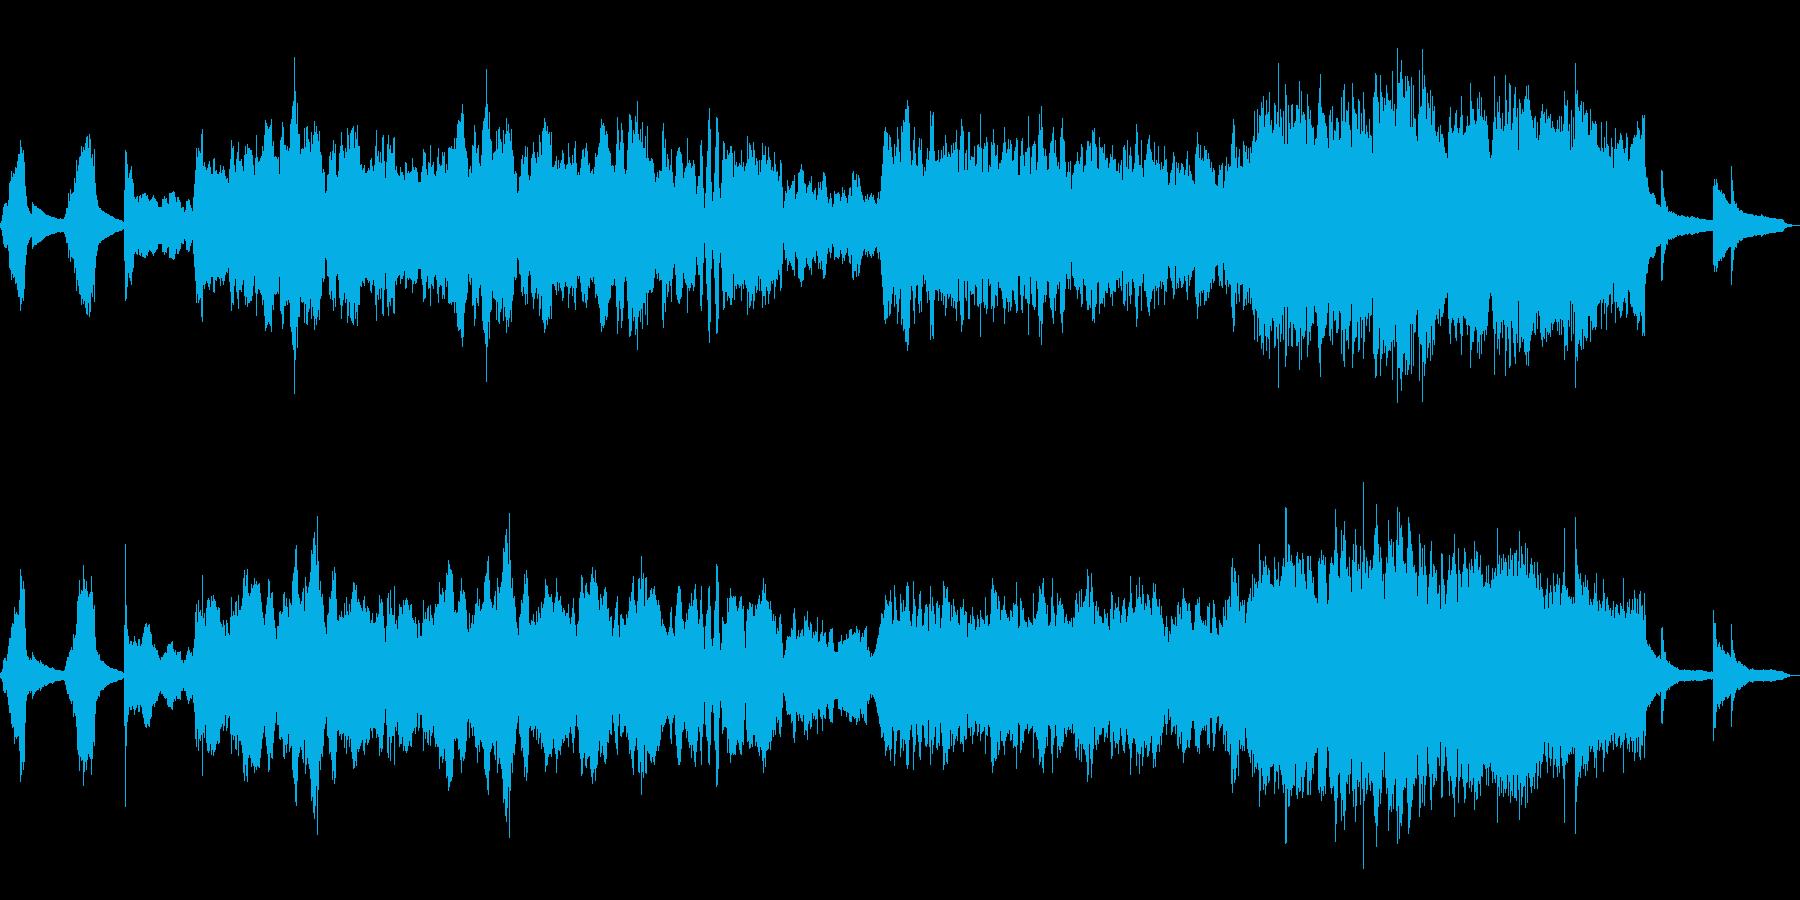 絶望感あふれるストリングスの再生済みの波形